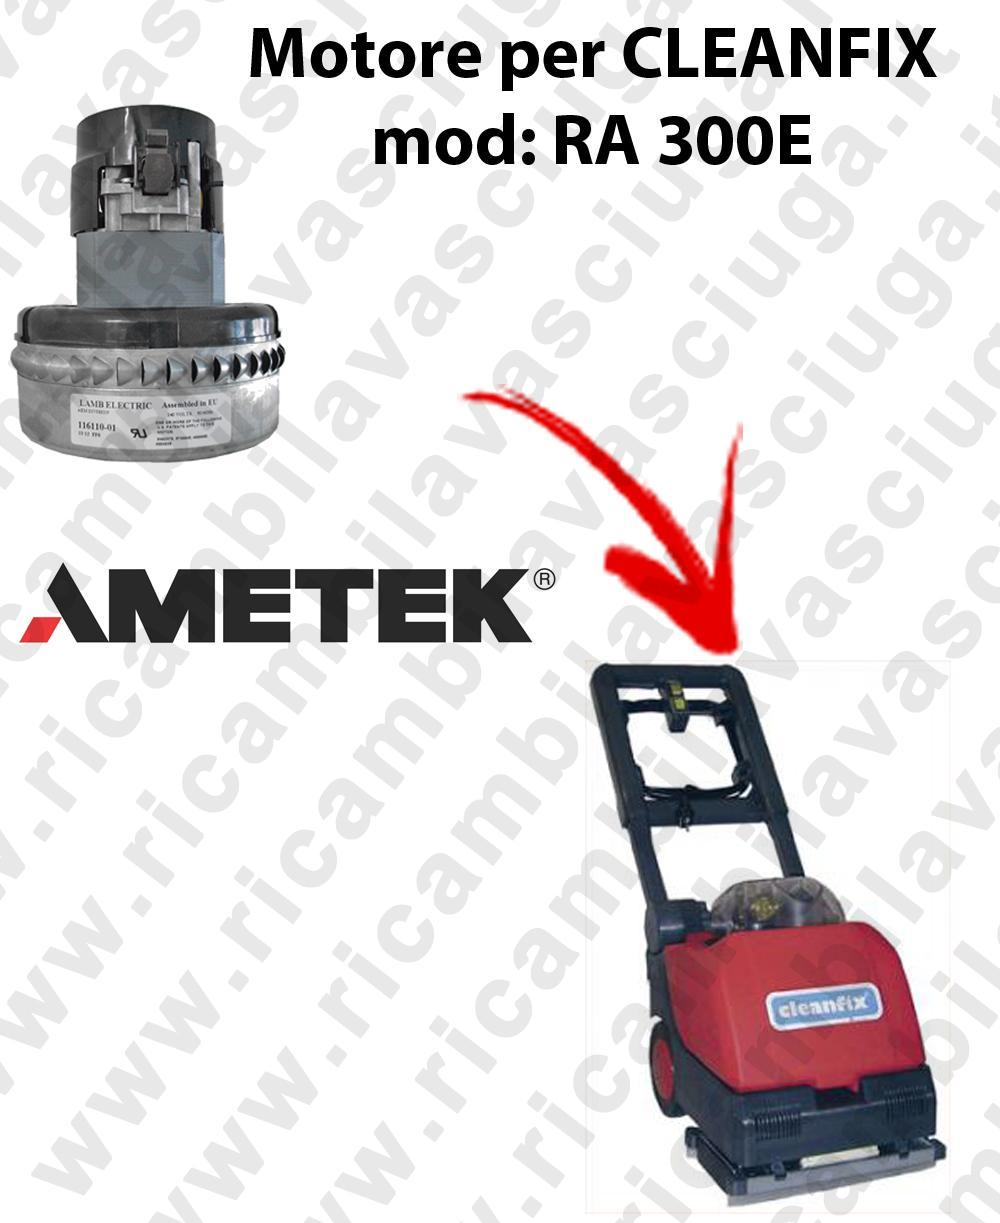 RA 300E  Motore de aspiración AMETEK para fregadora CLEANFIX